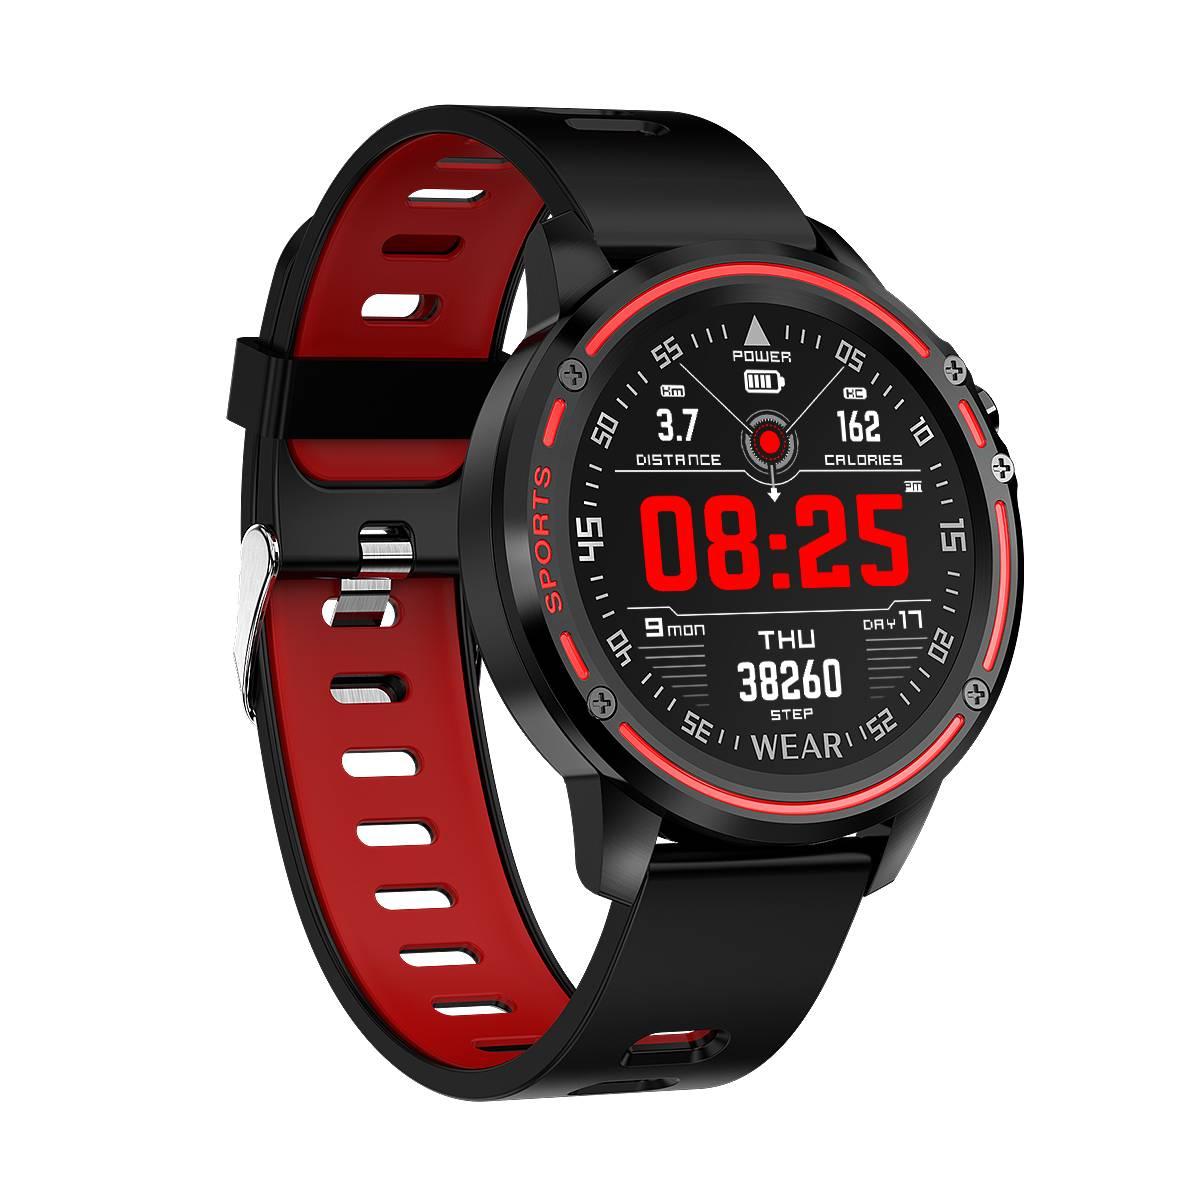 Microwear L8 ECG + PPG O2 moniteur plein écran tactile IP68 sport Mode bluetooth contrôle de la musique météo montre intelligente Fitness hommes femmes